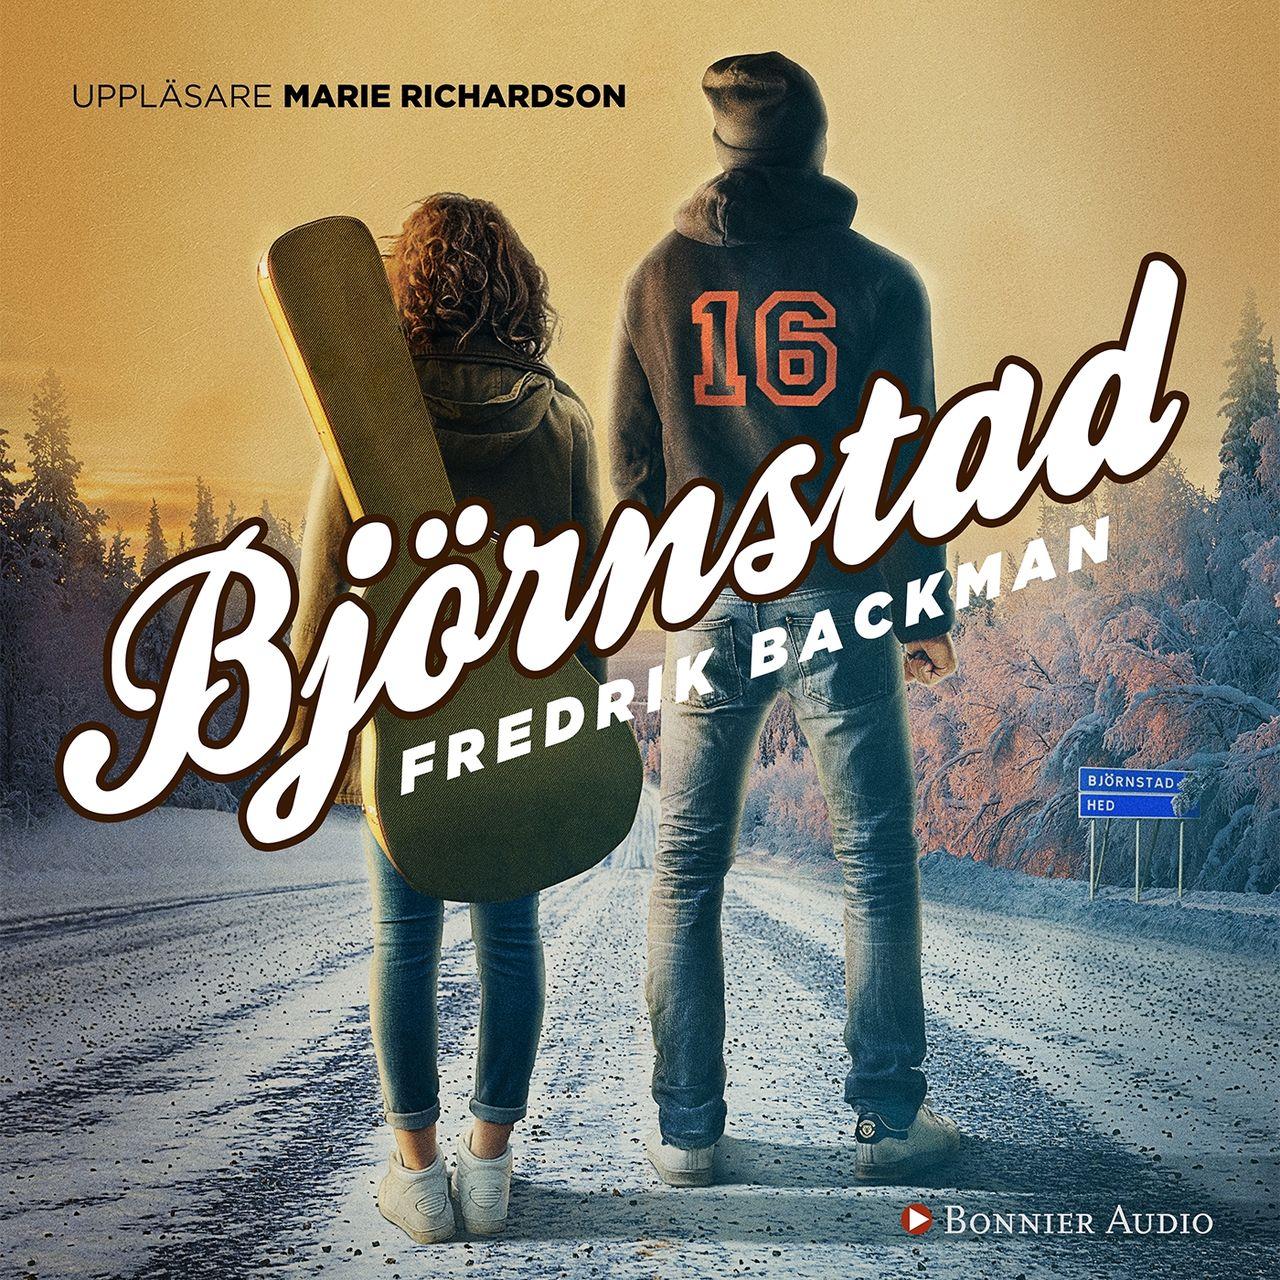 Fredrik Backmans roman Björnstad blir tv-serie